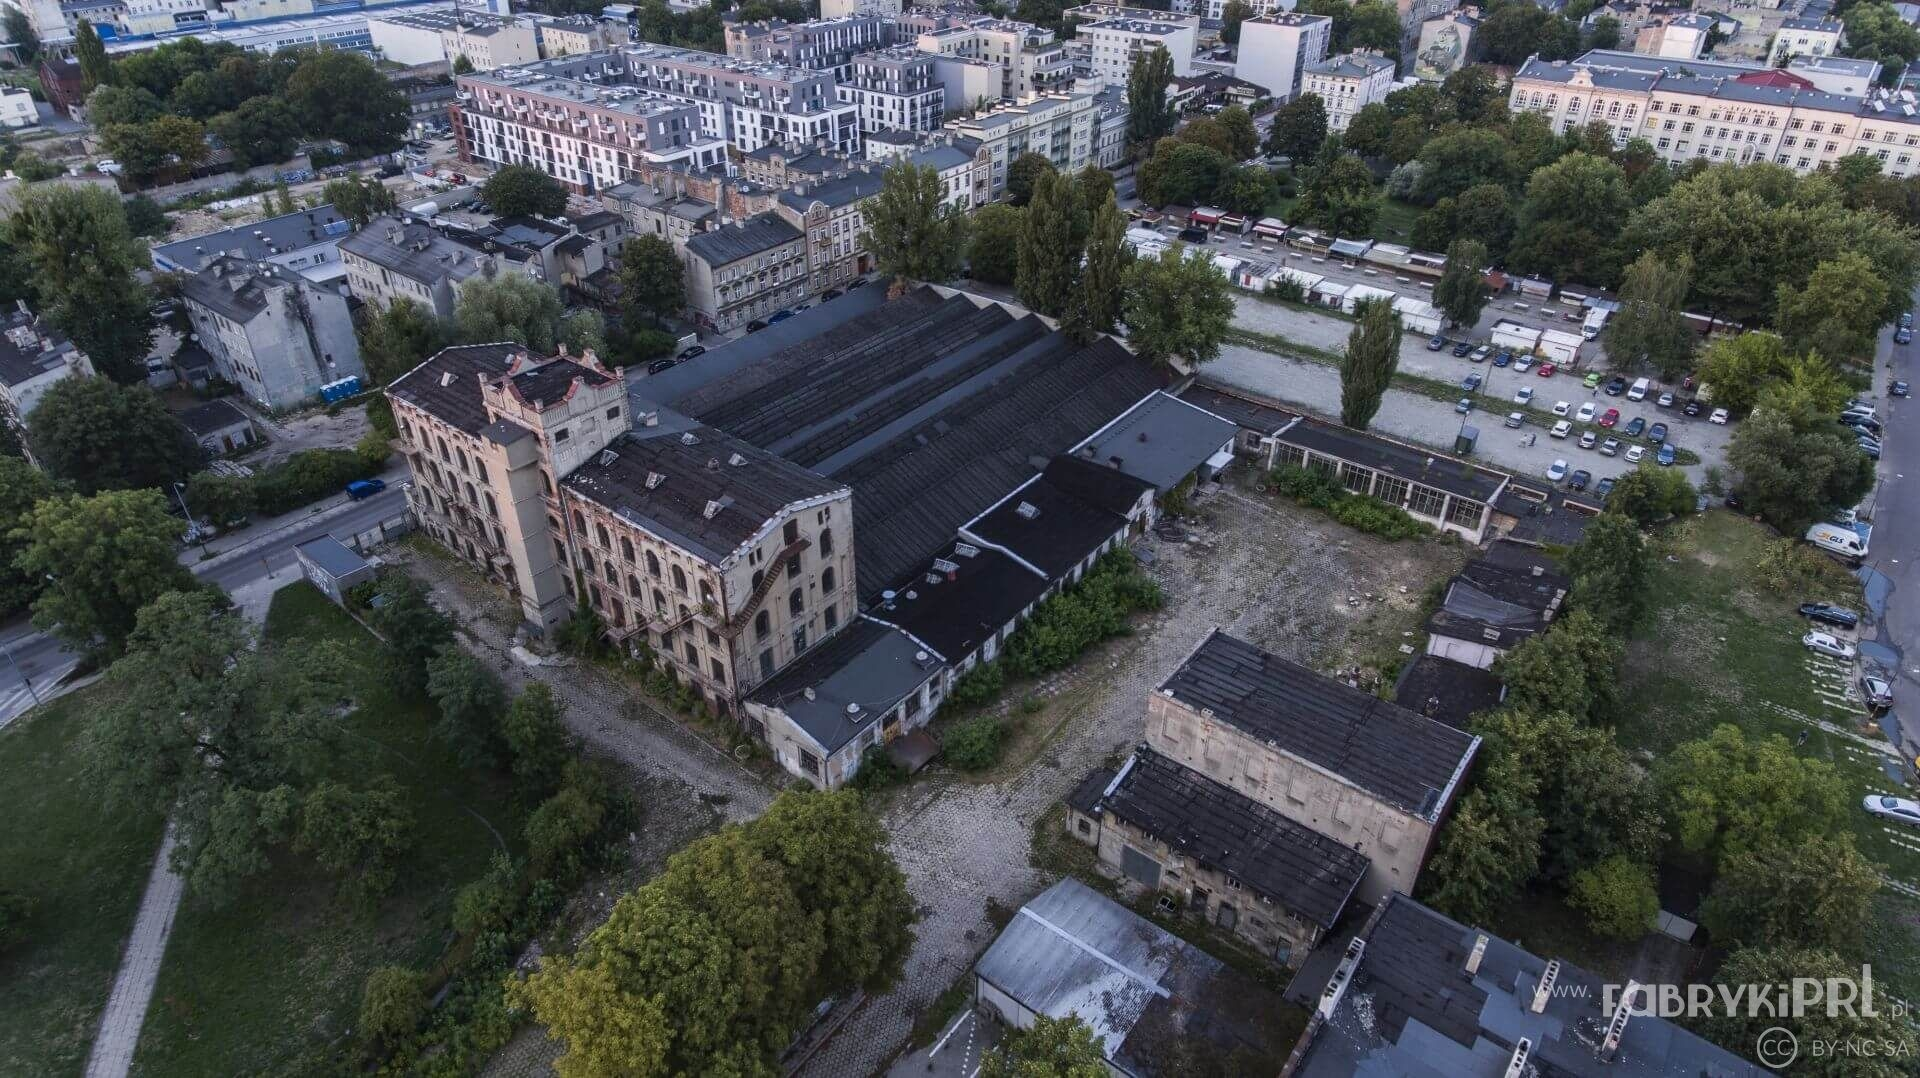 Zakłady Iwona - dawniej fabryka Jarocińskich. Zdjęcie lotnicze